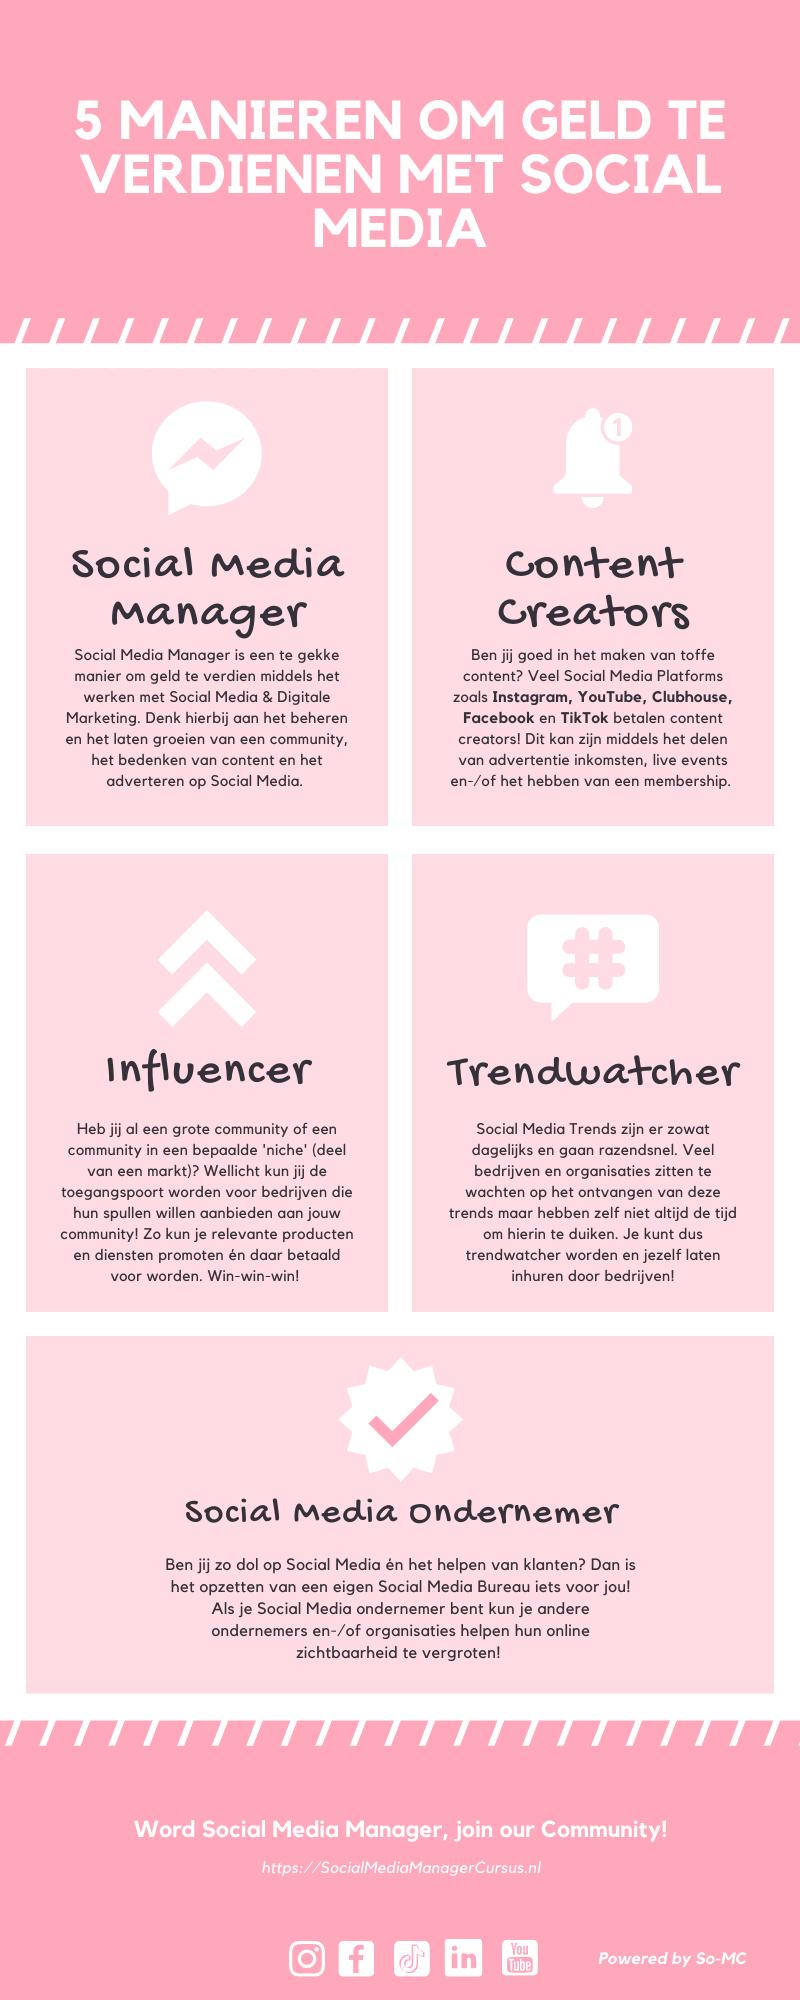 5 Manieren om geld te verdienen met Social Media